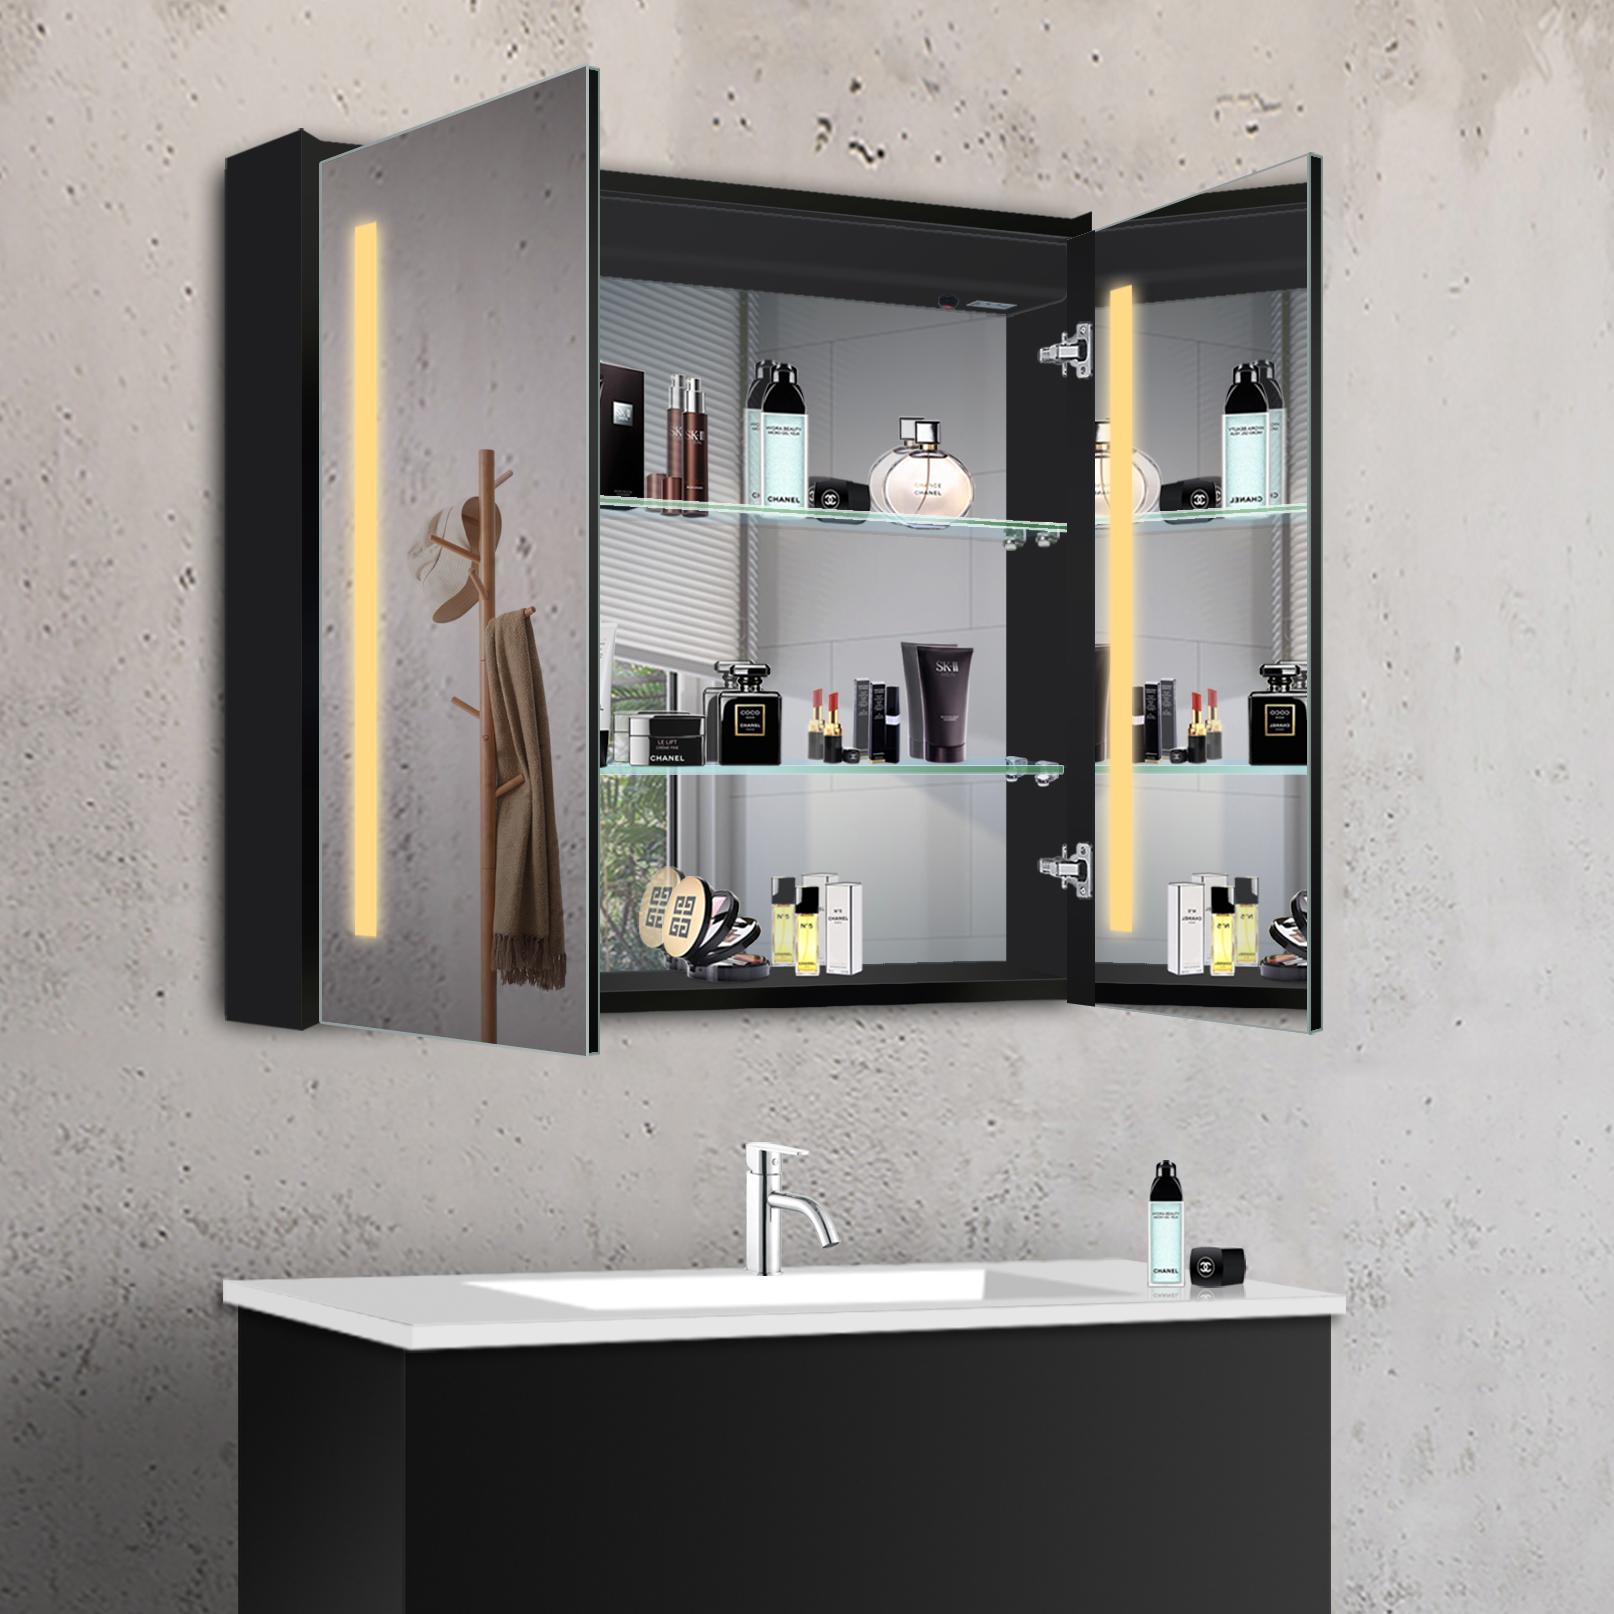 www.lux-aqua.de - lux-aqua Design Schwarz Aluminium LED ...